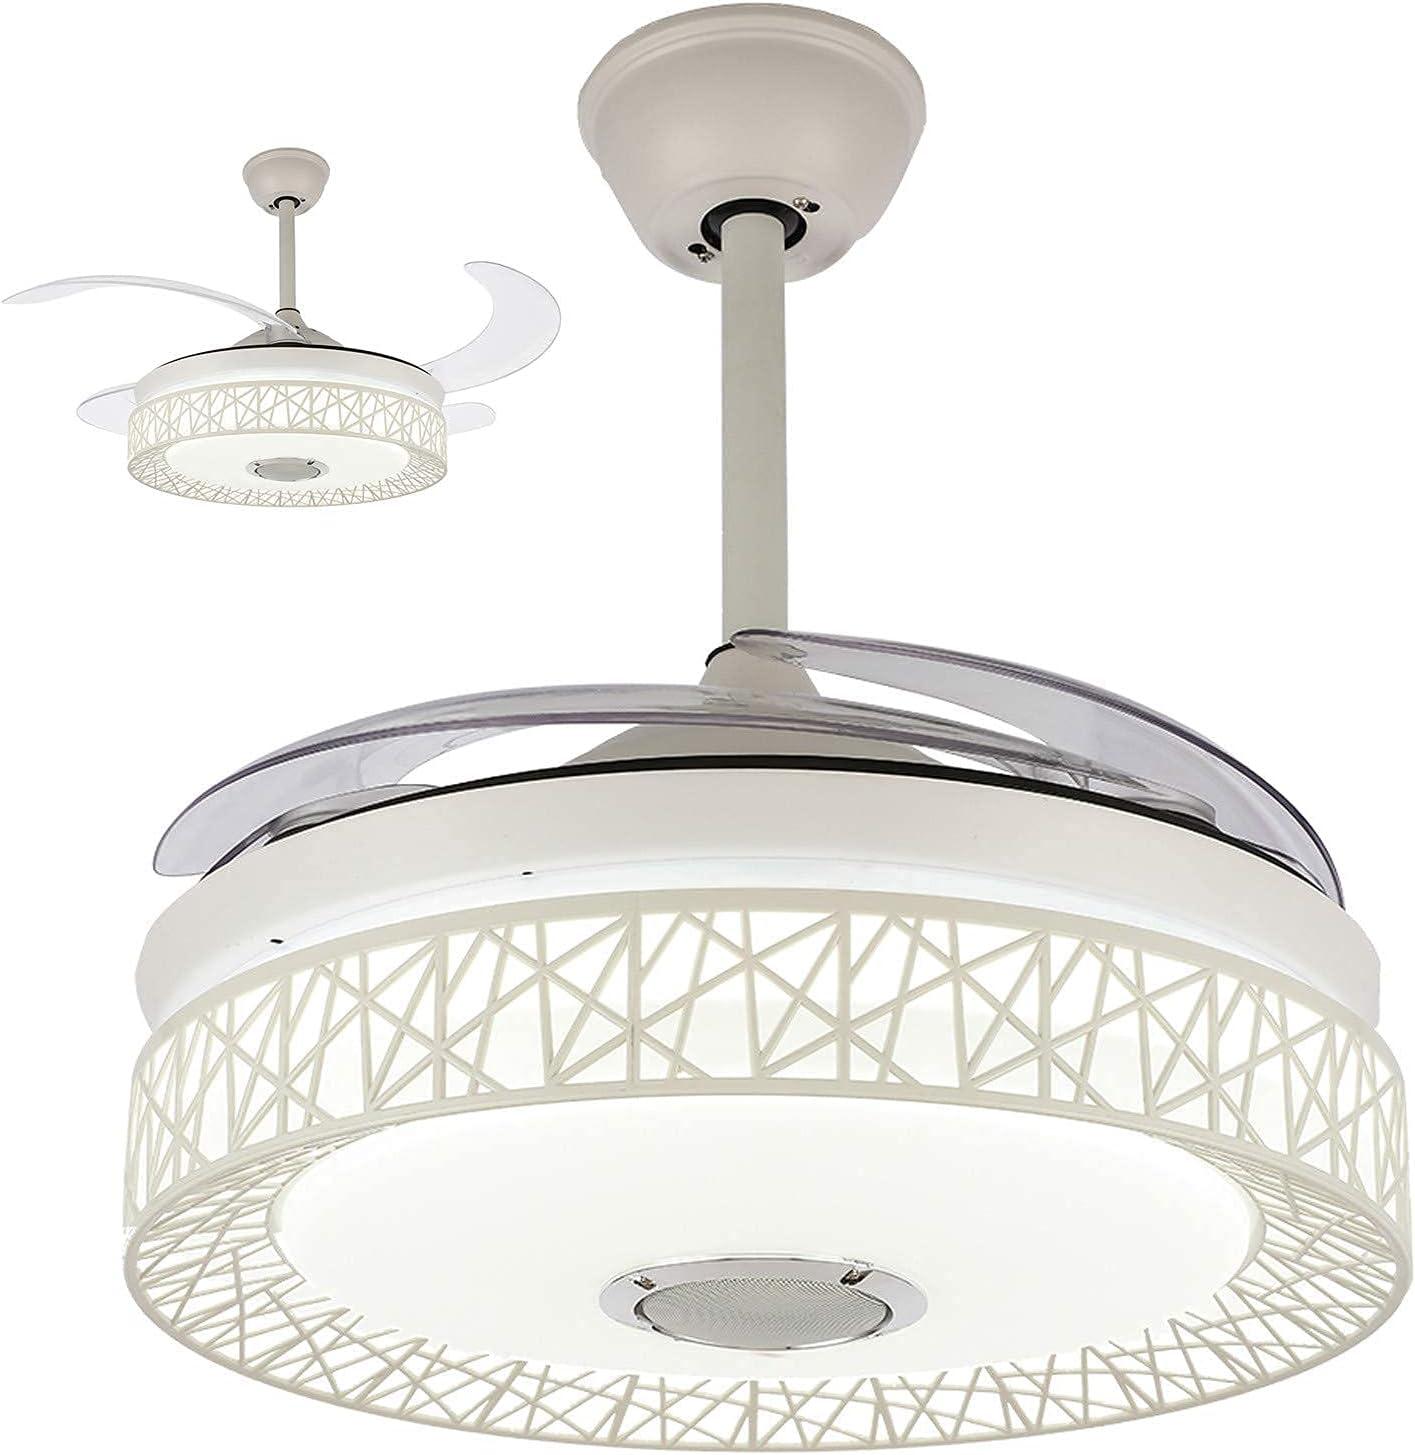 CAIMEI Lámpara Colgante de Luz Colgante Ventilador de Techo Led de 42 Pulgadas con Luces con Control Remoto 3 Velocidades de Ventilador, 4 Aspas Invisibles, Altavoz (Negro),Blanco